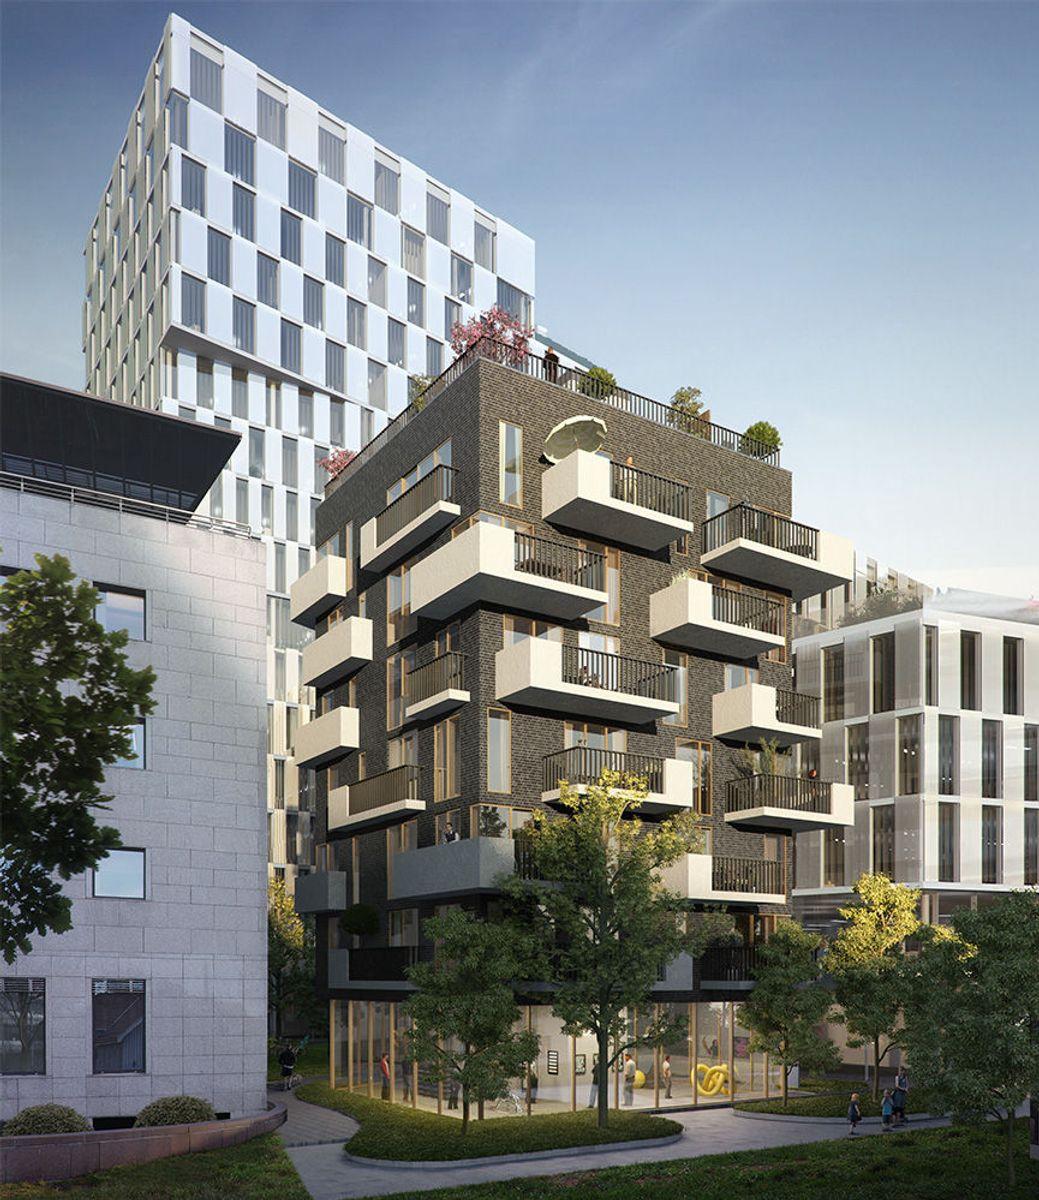 Det nye boligbygget foran blir nærmeste nabo til Orklas nye hovedkontor. Den gamle «Essobygningen» til venstre. Arkitekt for begge nybygg: Narud Stokke Wiig (NSW)